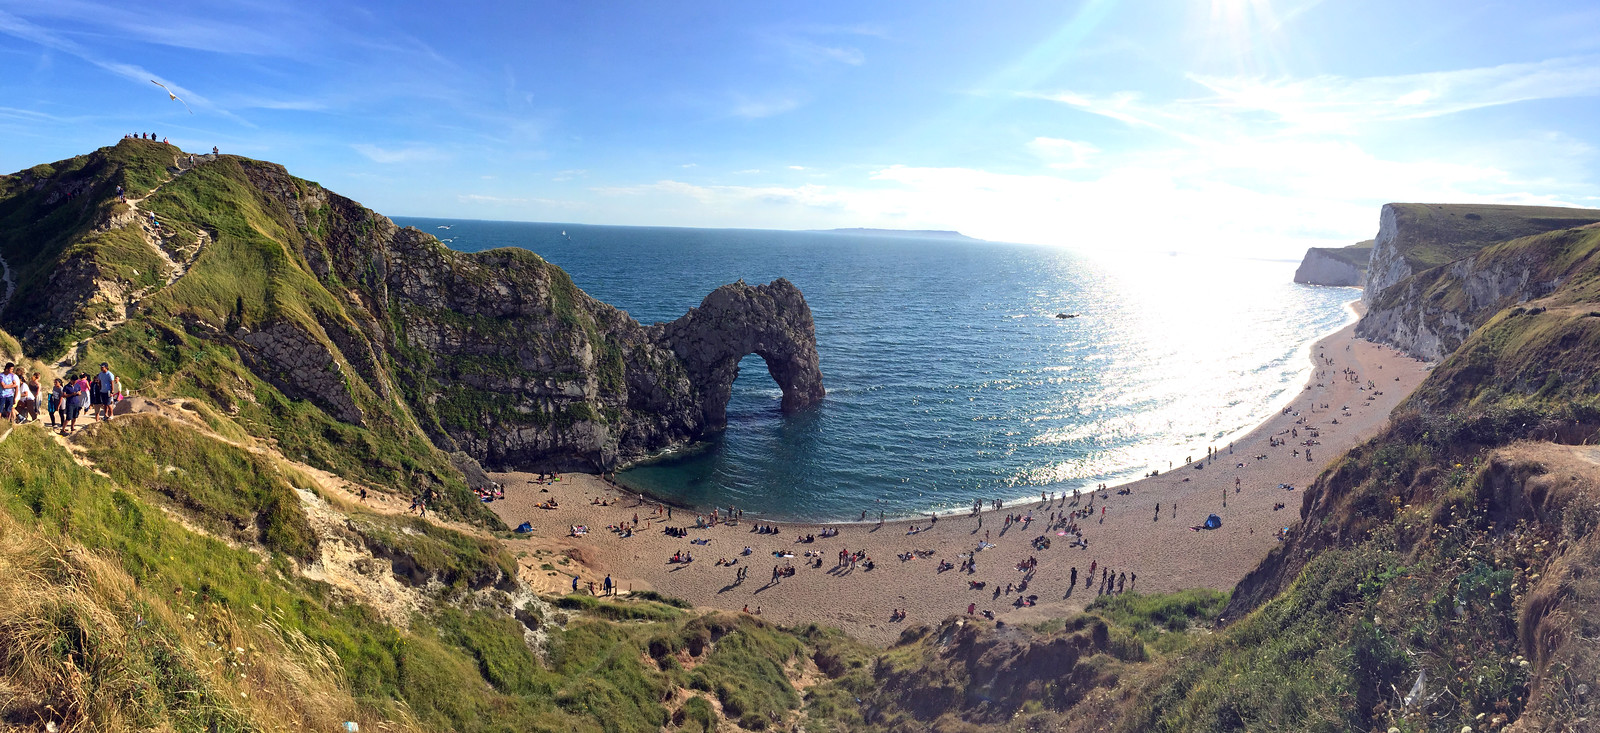 Costa Jurásica de Inglaterra - Thewotme costa jurásica - 50061369798 808b600c1d h - Costa Jurásica de Inglaterra, un viaje de millones de años